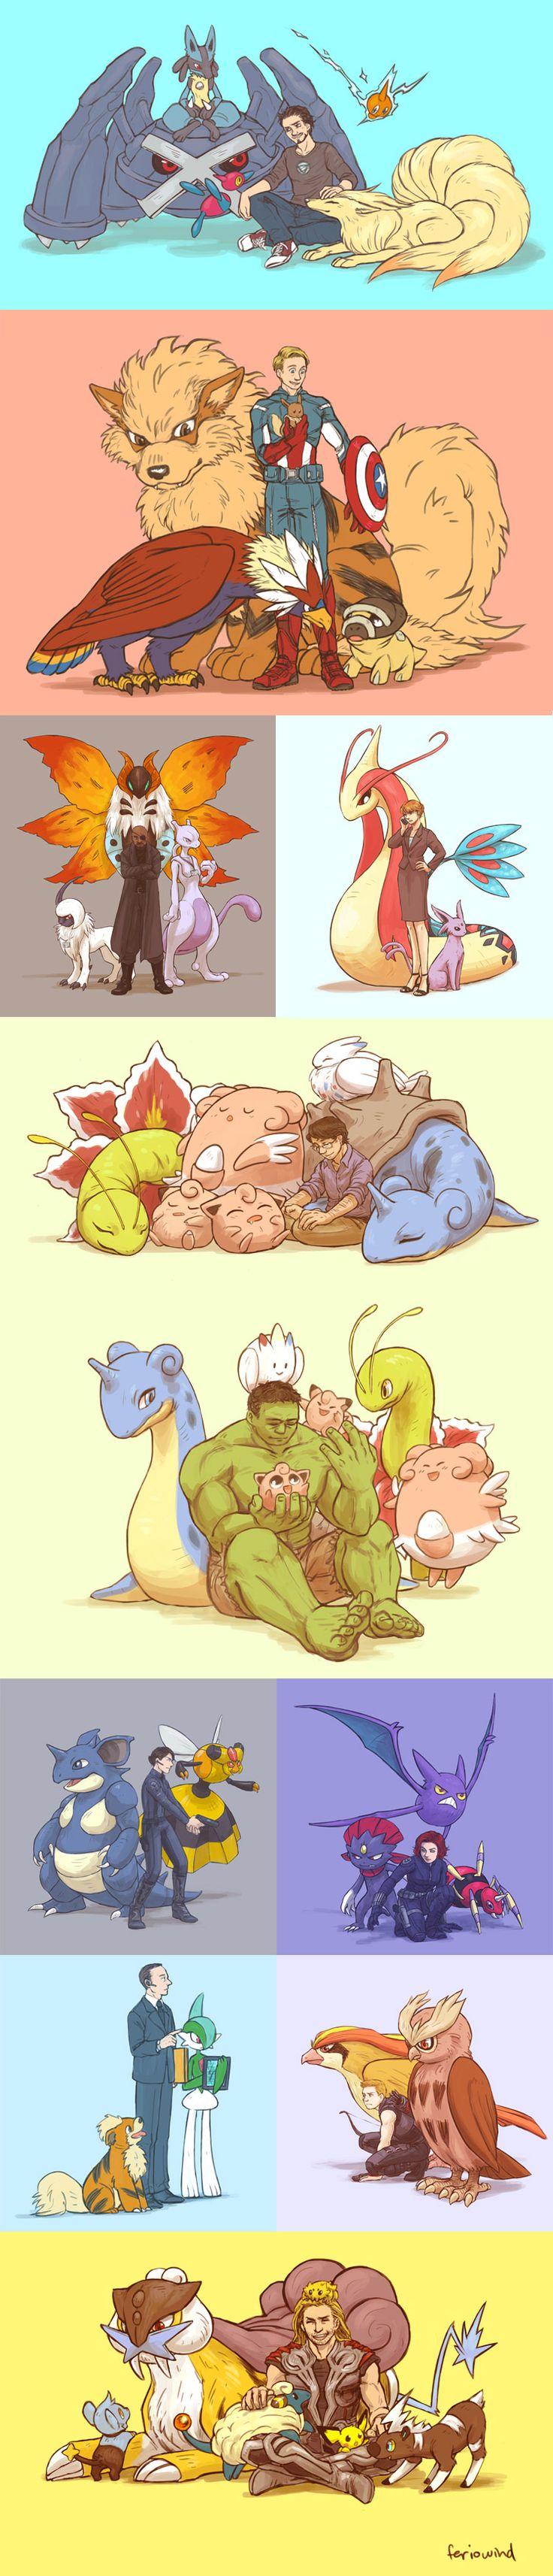 Esto es lo que pasa cuando unimos LOS AVENGERS y POKEMON - Avenger's Pokemon